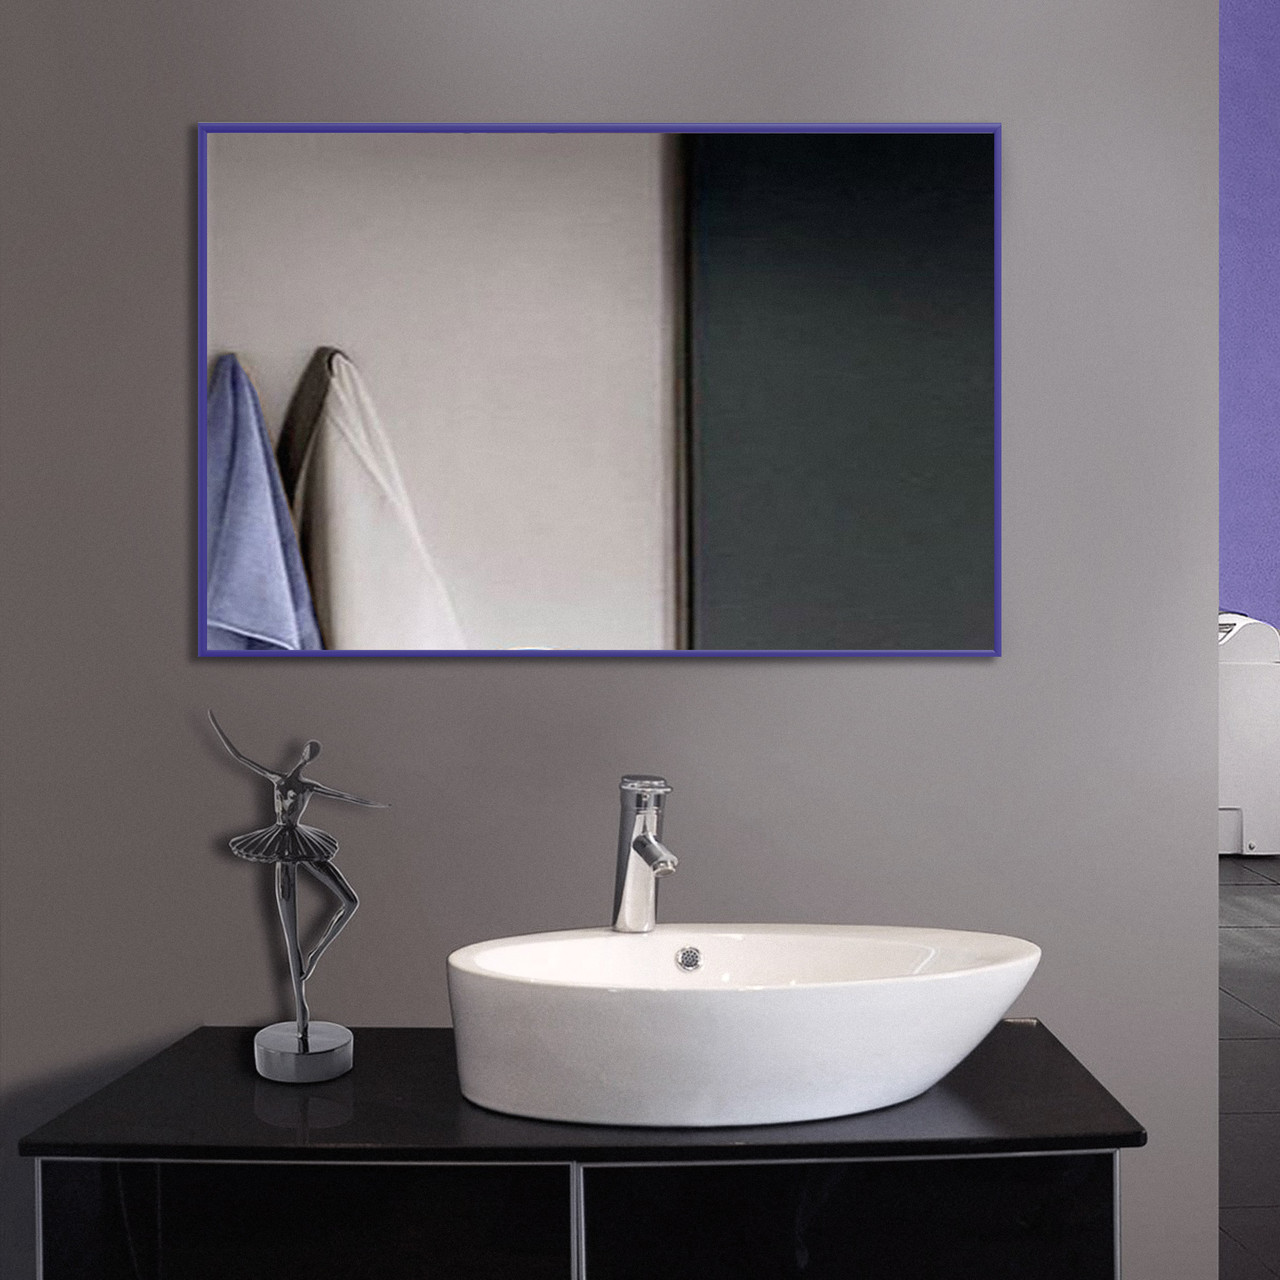 Сиреневое зеркало в рост, алюминий 400x600 | Бузкове дзеркало в зростання, алюміній 400x600